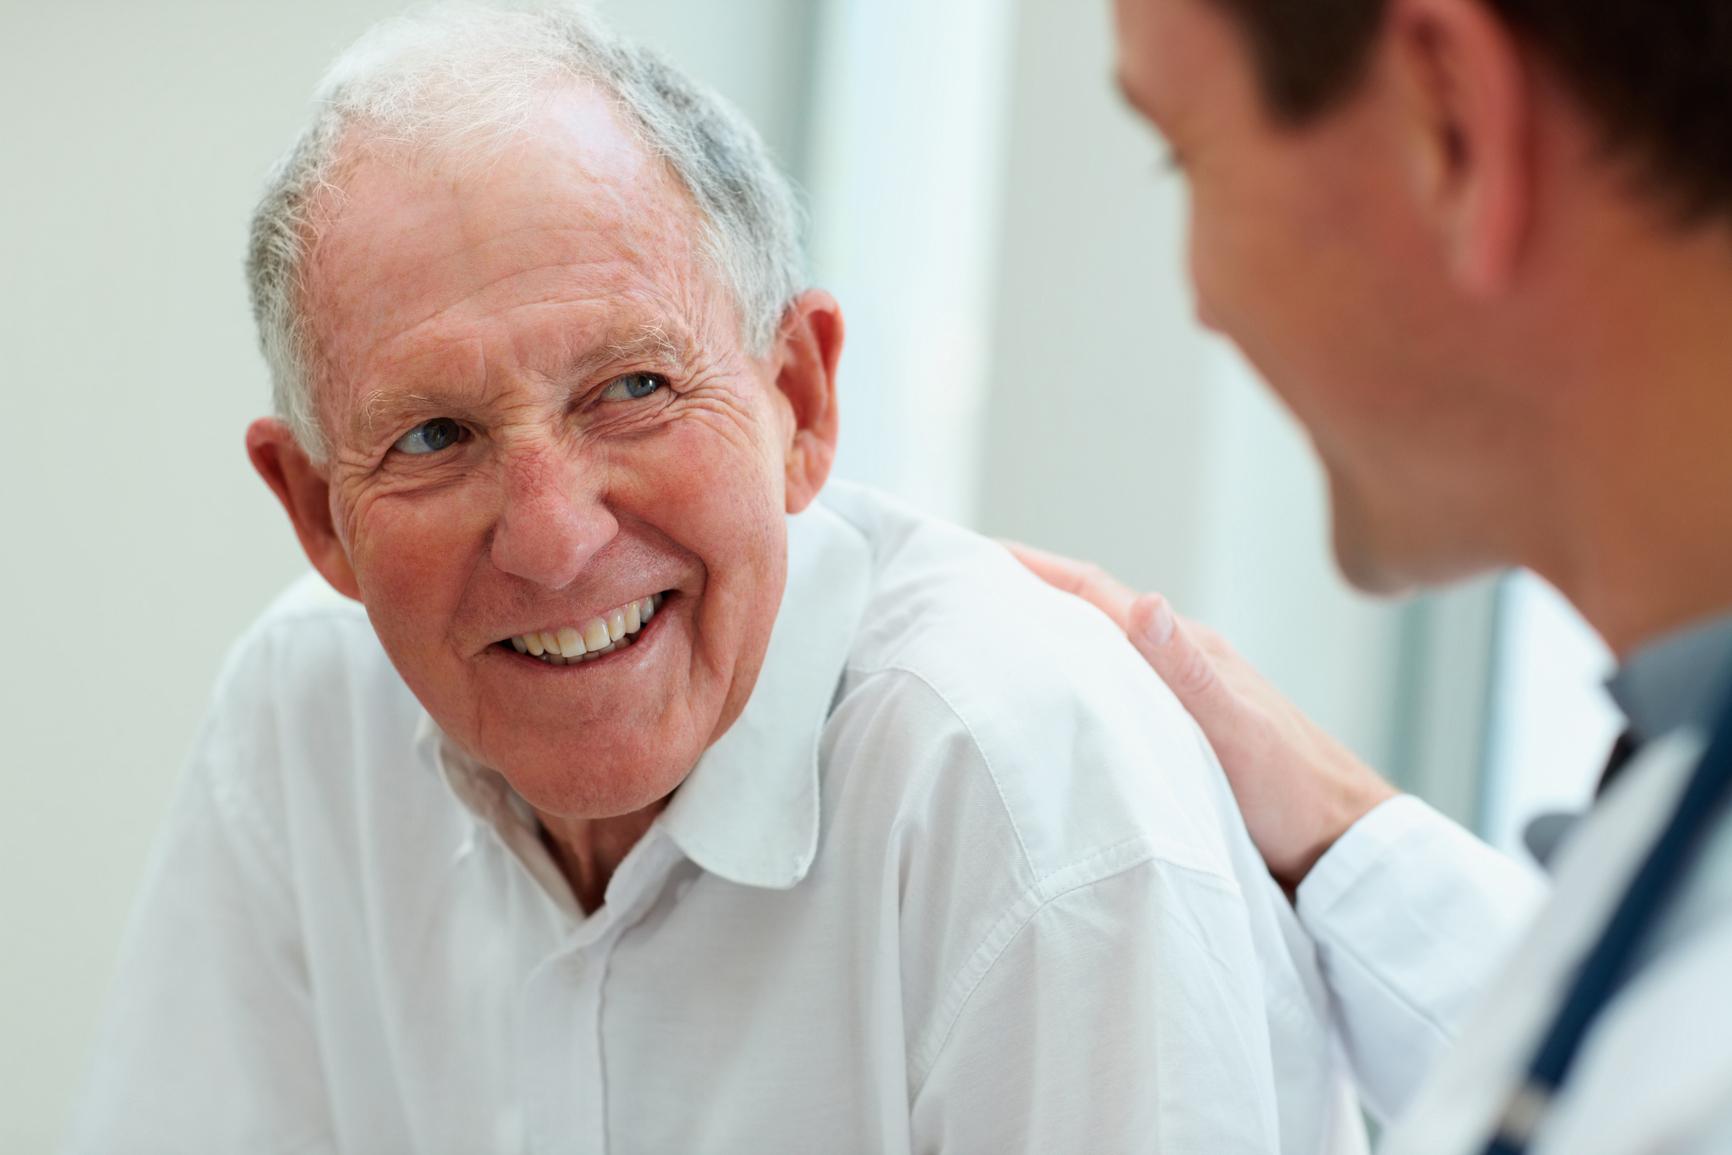 Yaşlılıkta Sağlık Kontrolü Nasıl Yapılmalıdır?